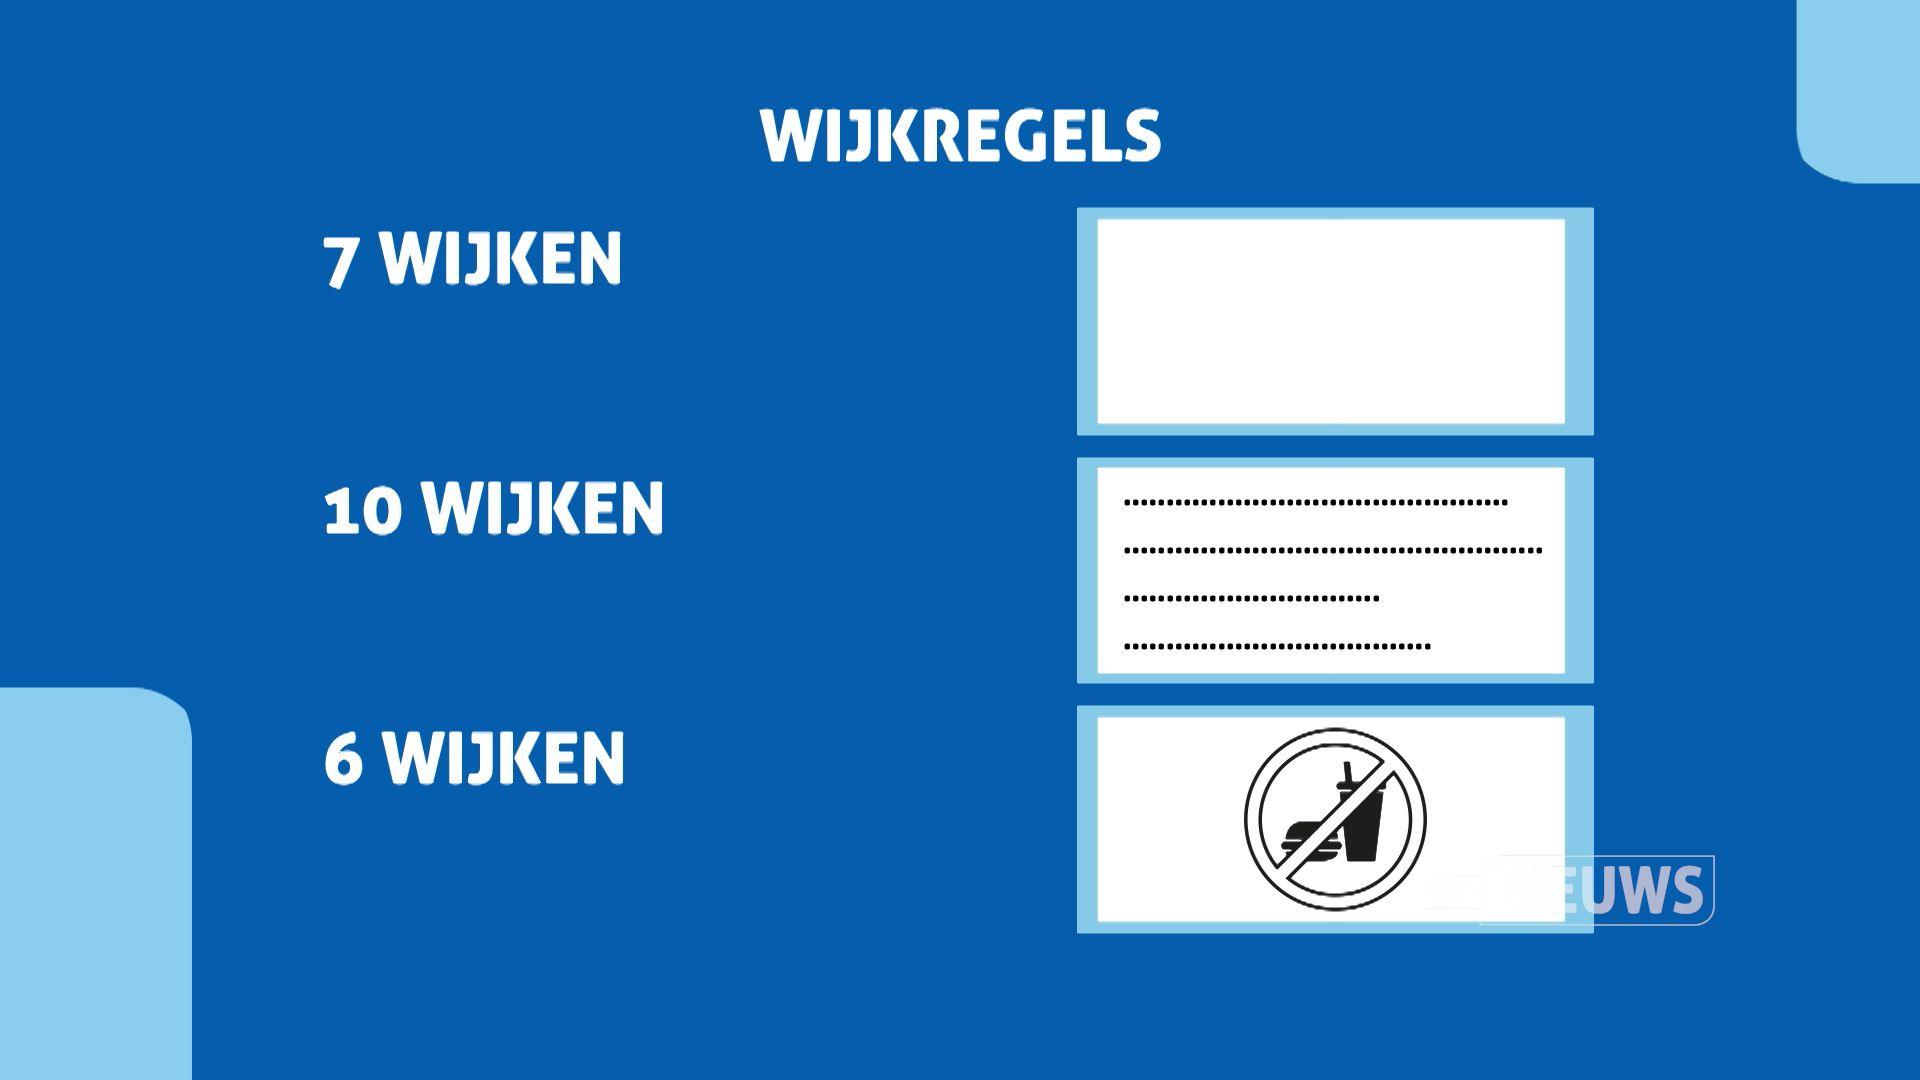 willekeur.jpg